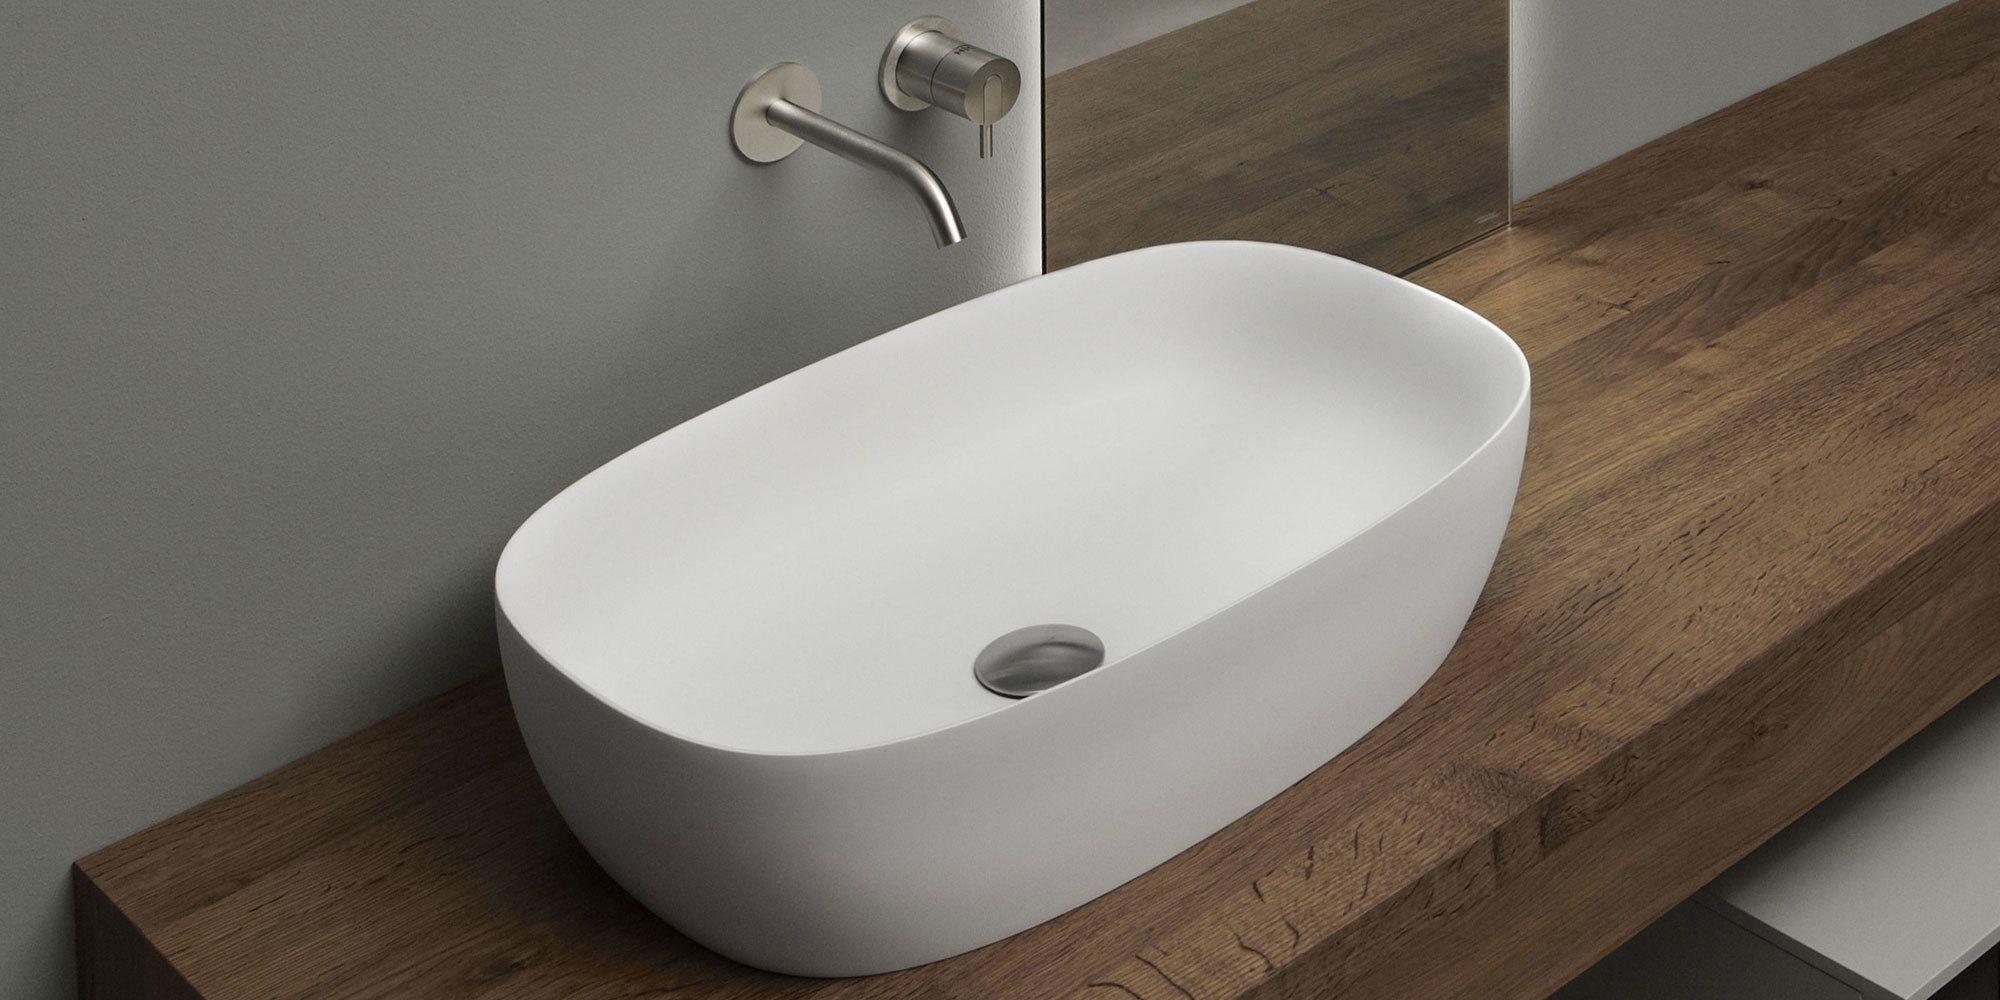 antonio lupi waschbecken waschtisch senso designbest. Black Bedroom Furniture Sets. Home Design Ideas